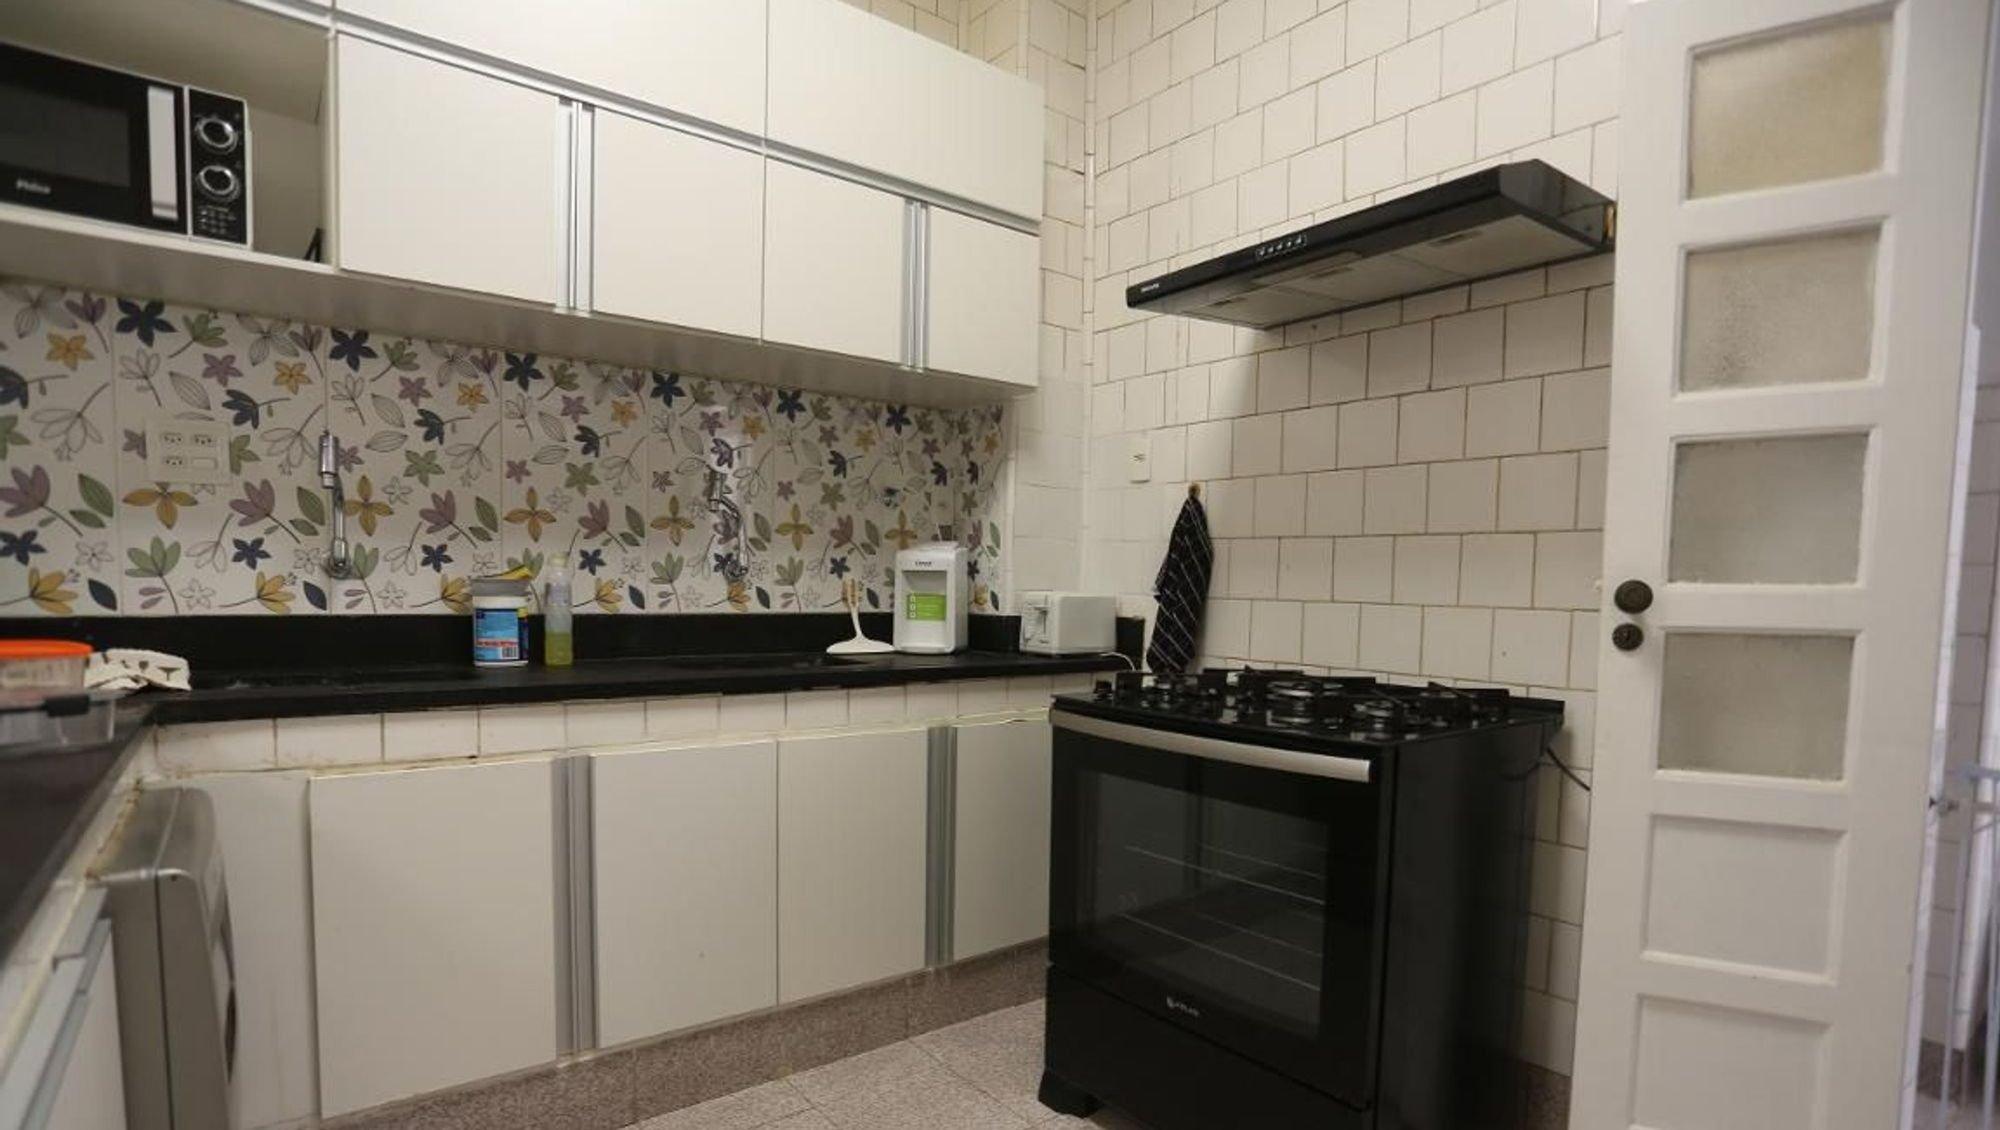 Foto de Cozinha com forno, microondas, garrafa